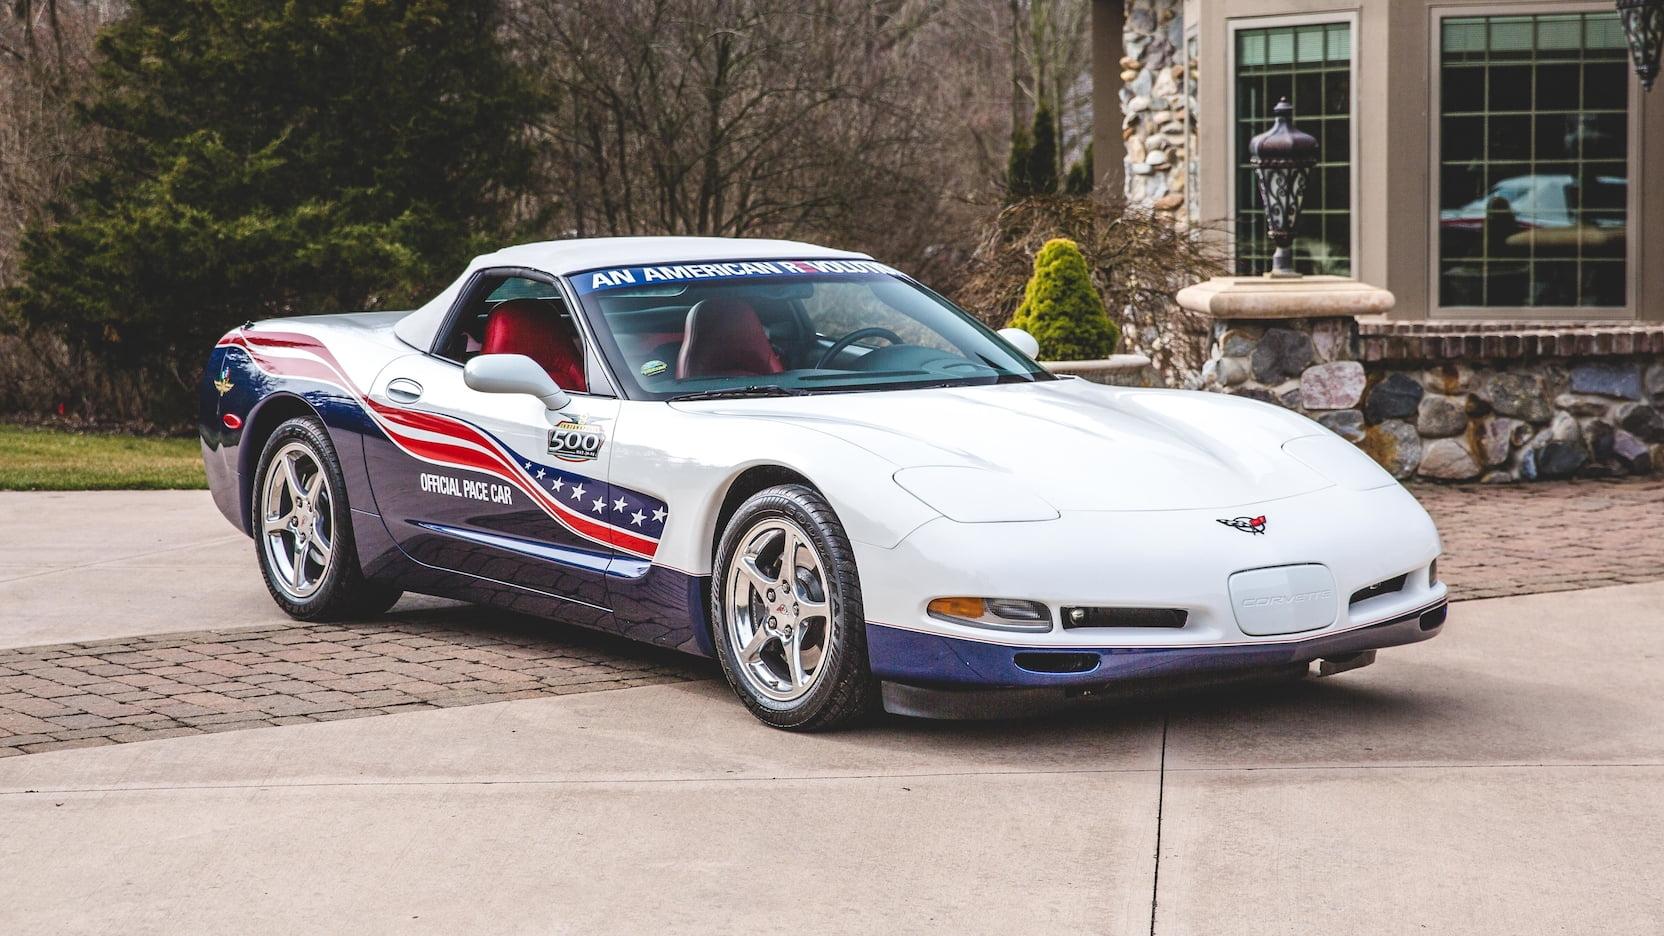 2004 Chevrolet Corvette Pace Car Version 1